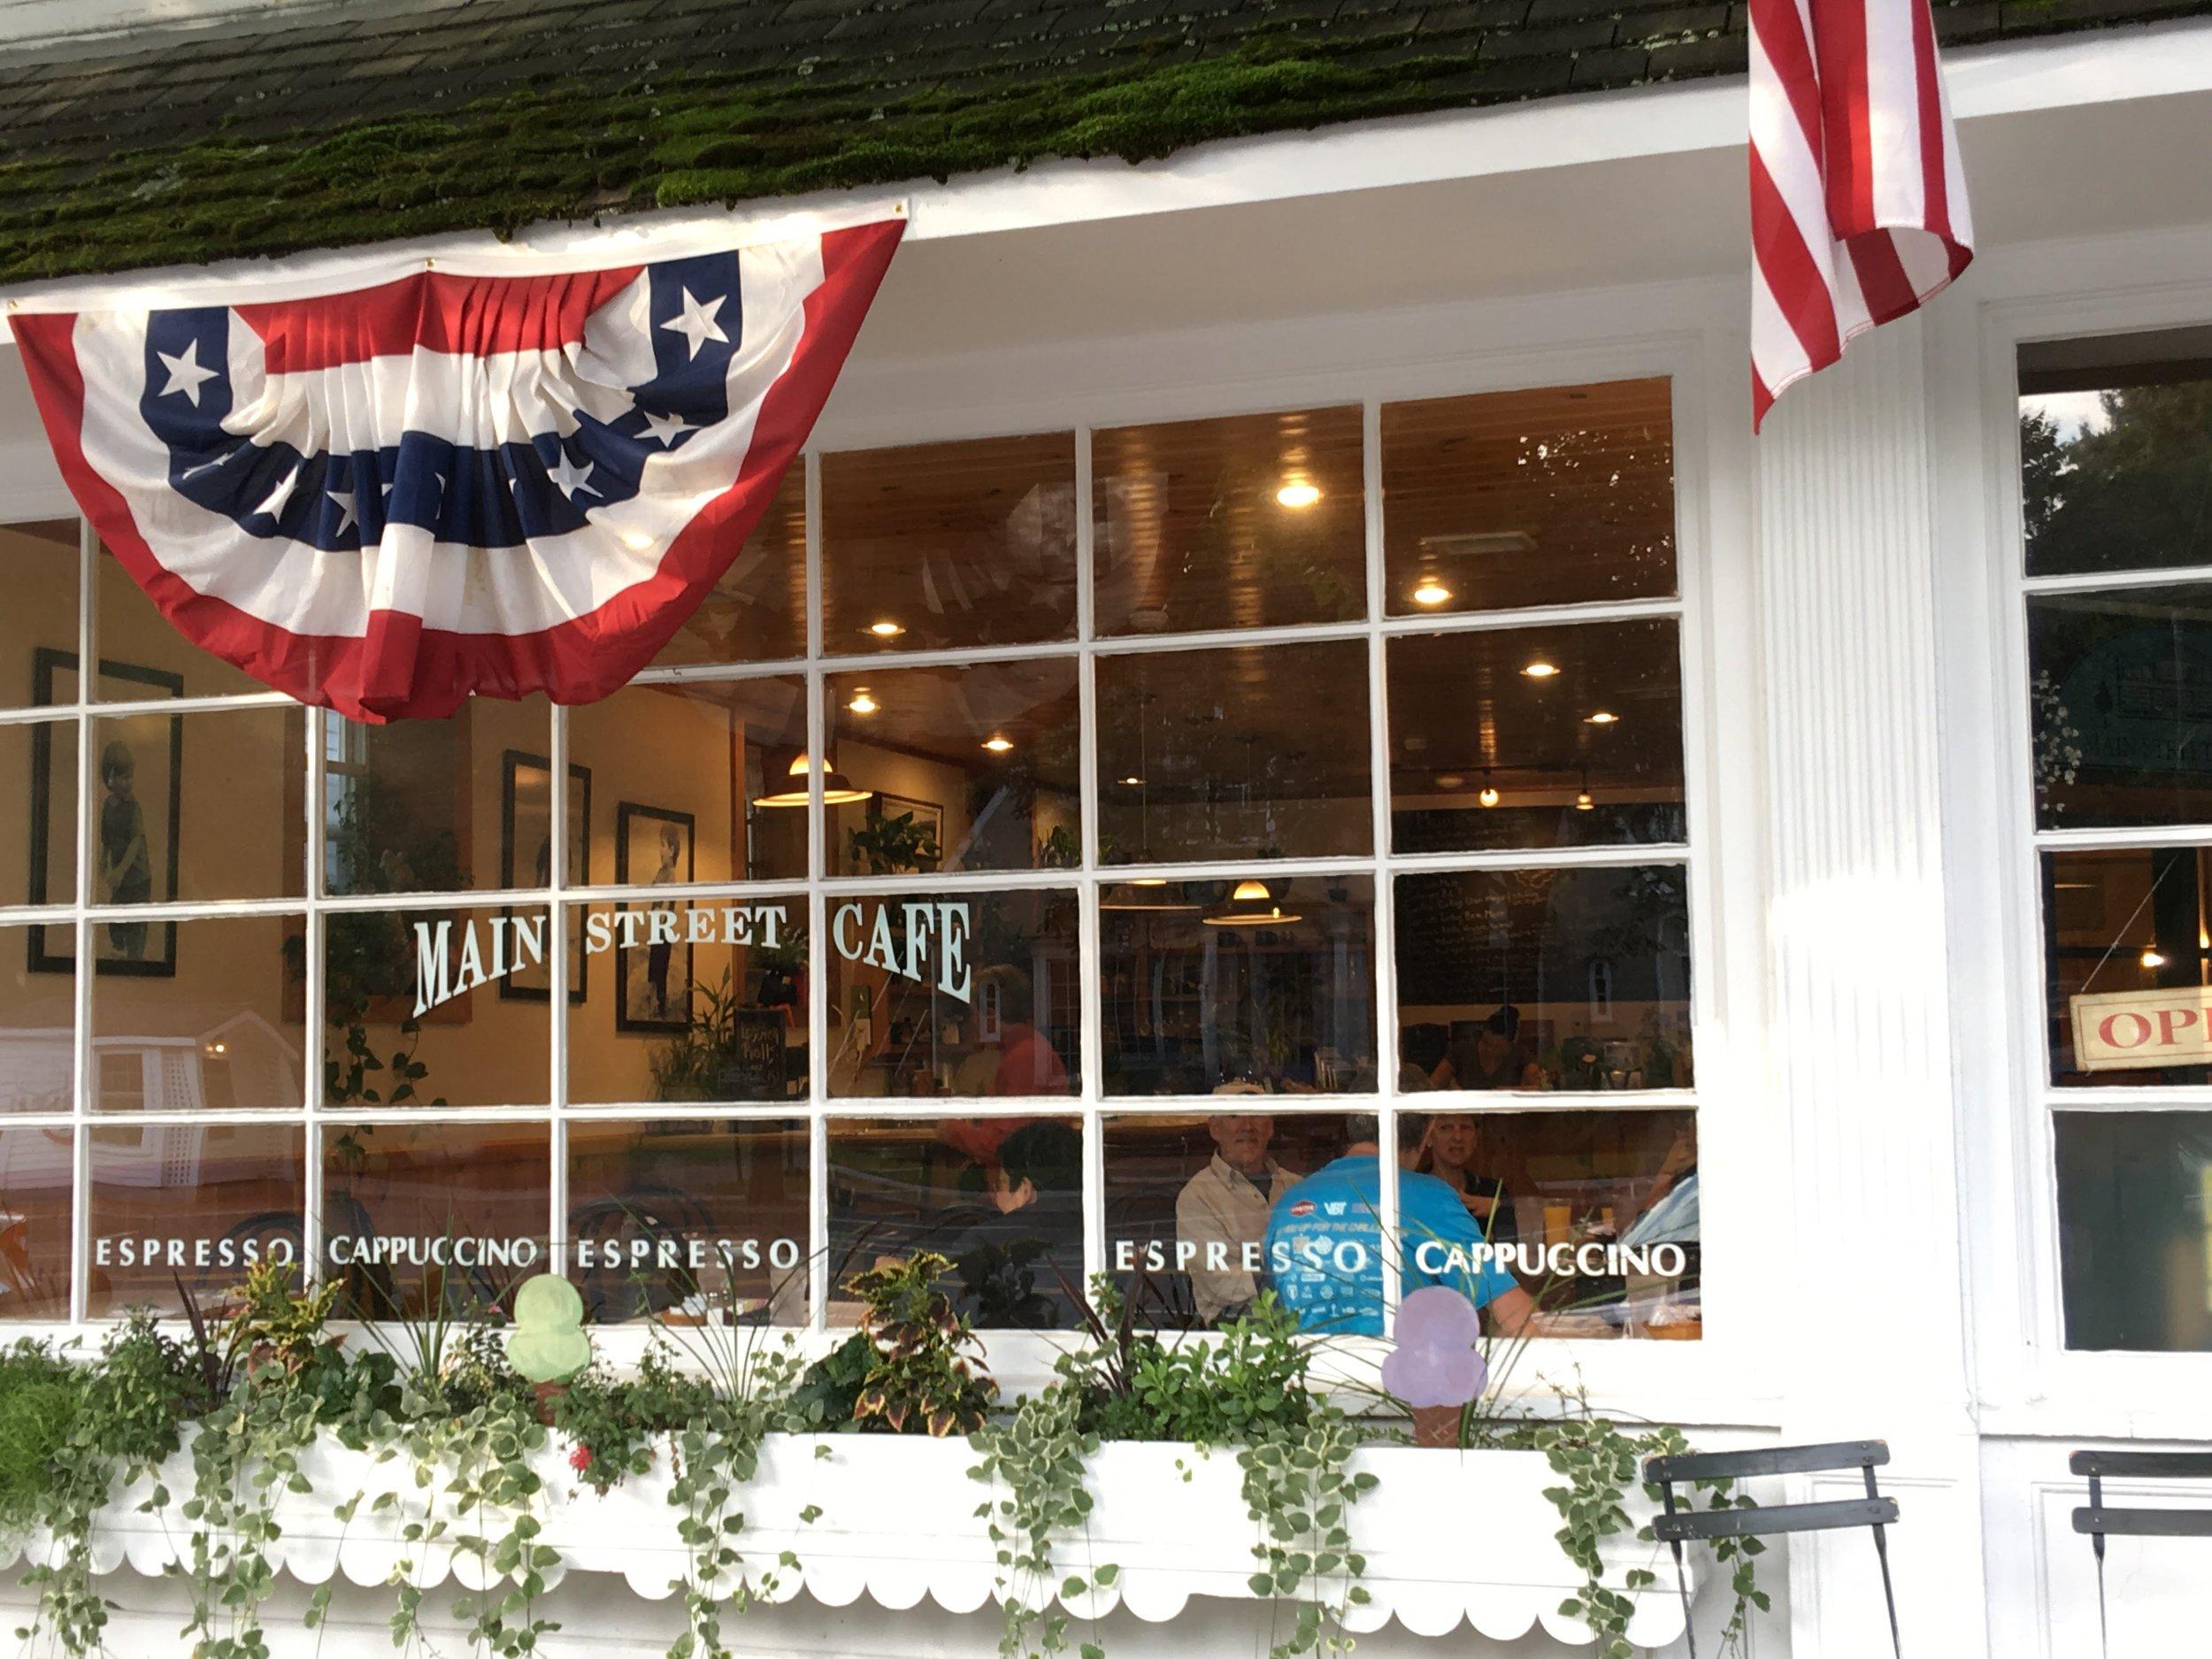 Main St. Cafe in Stockbridge, MA